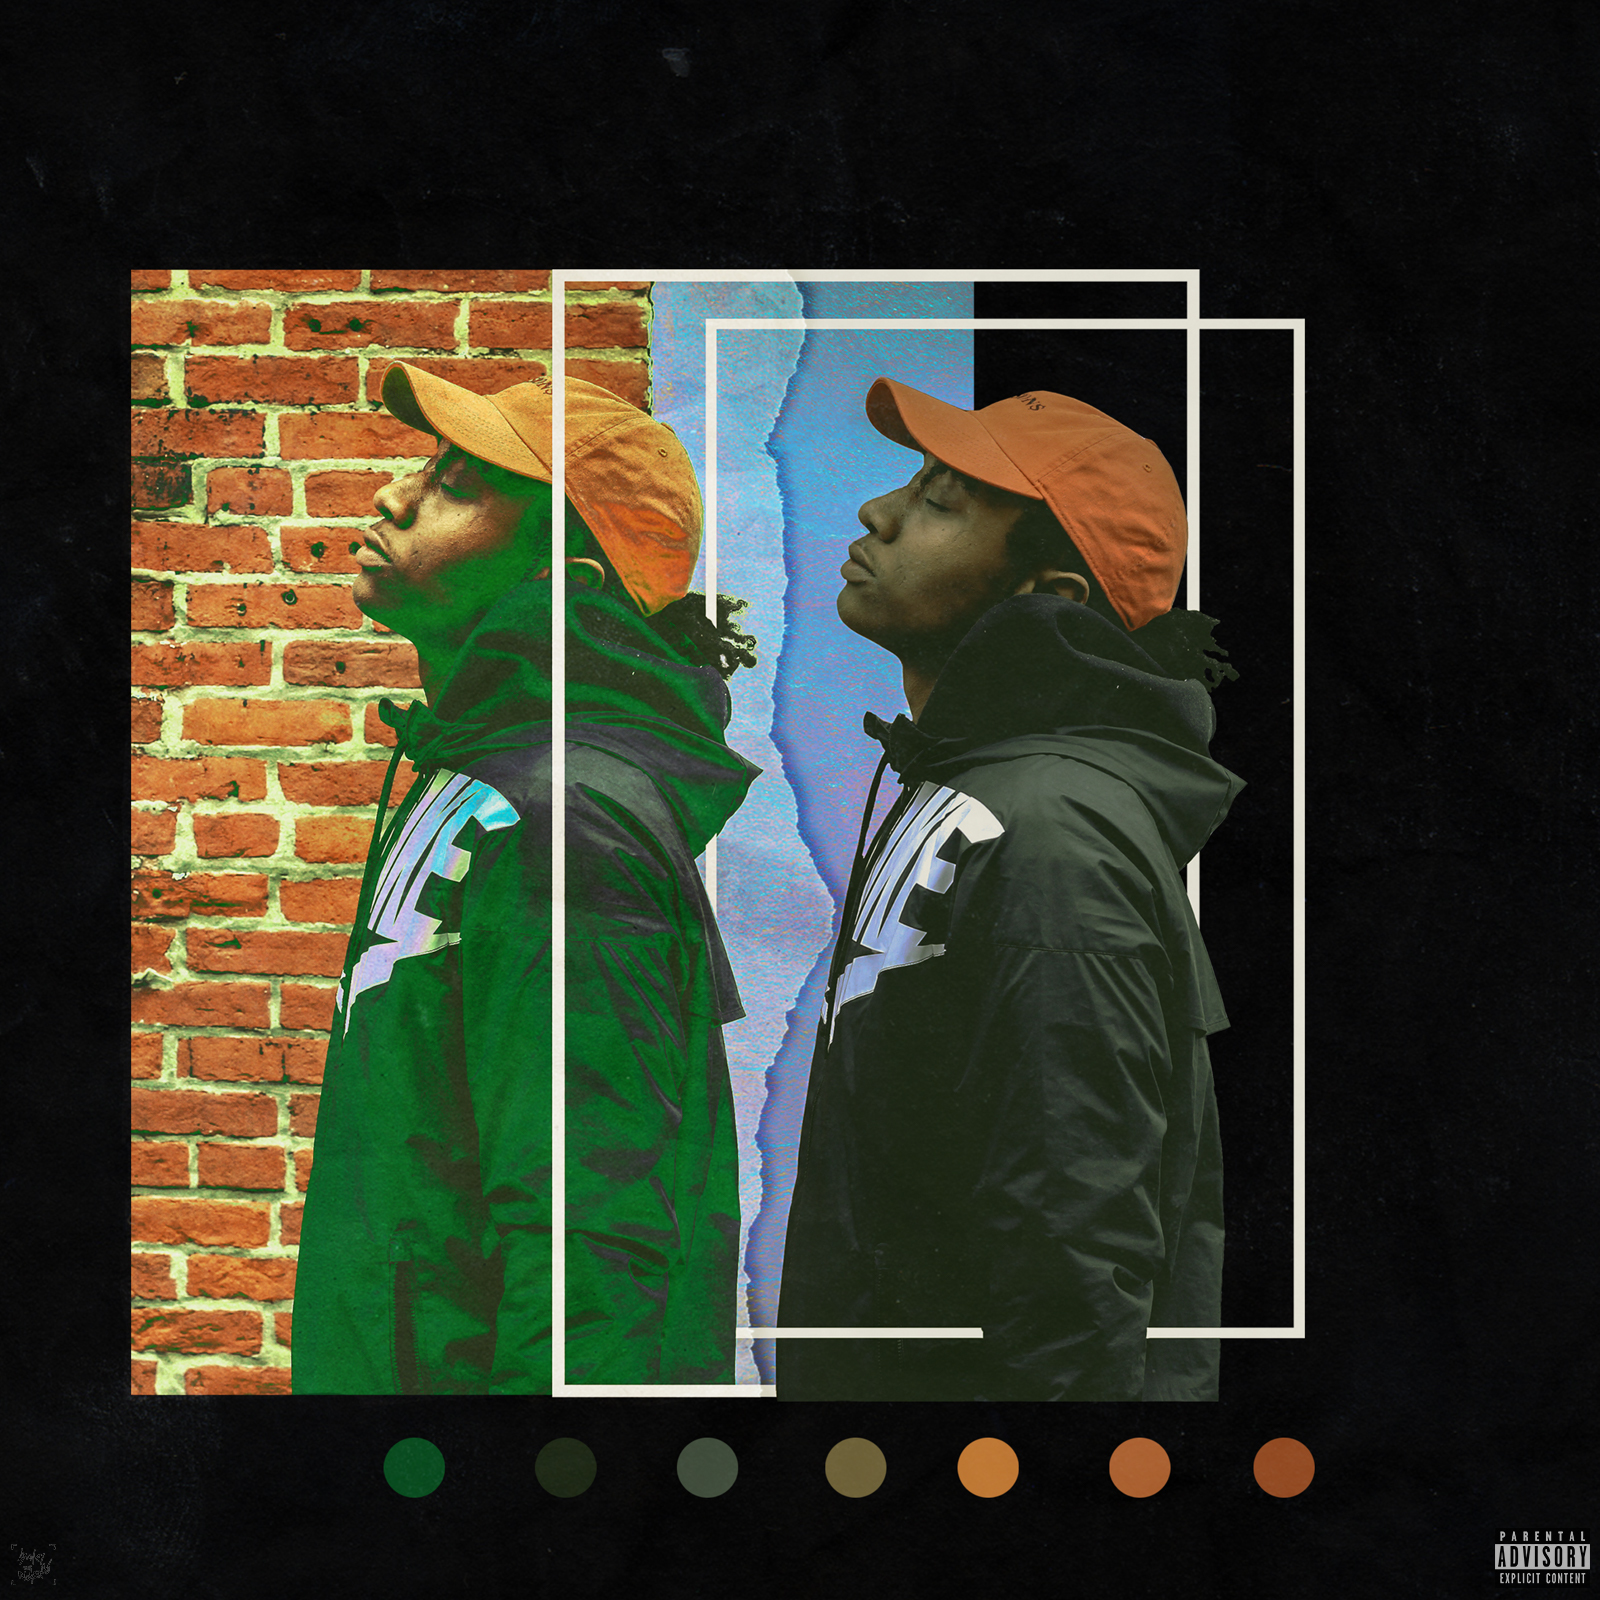 Album Artwork & Print Design with Daniel